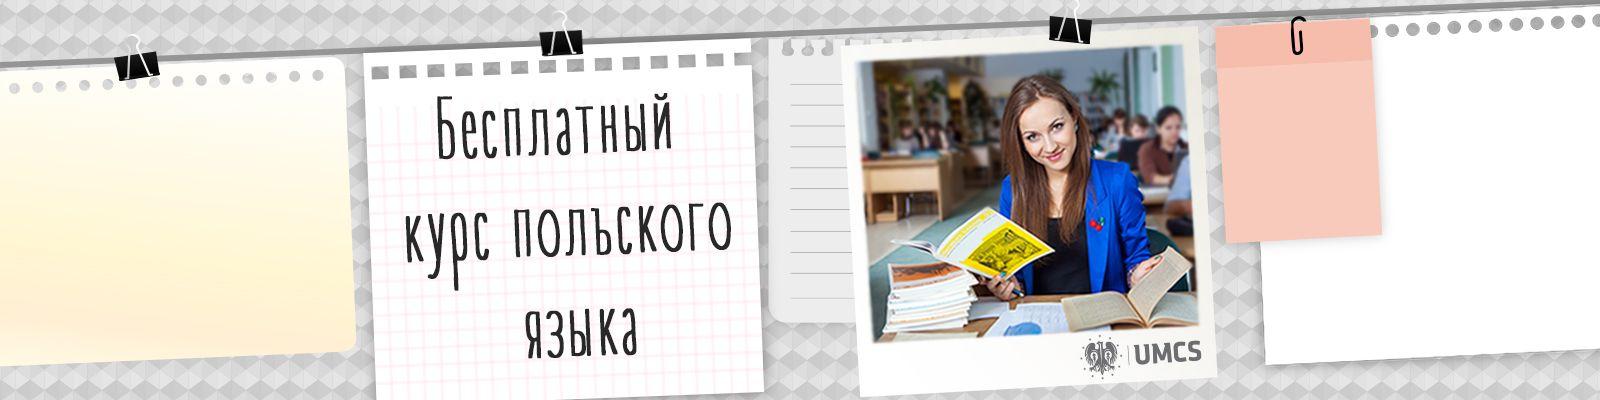 Бесплатный курс польского языка в УМКС